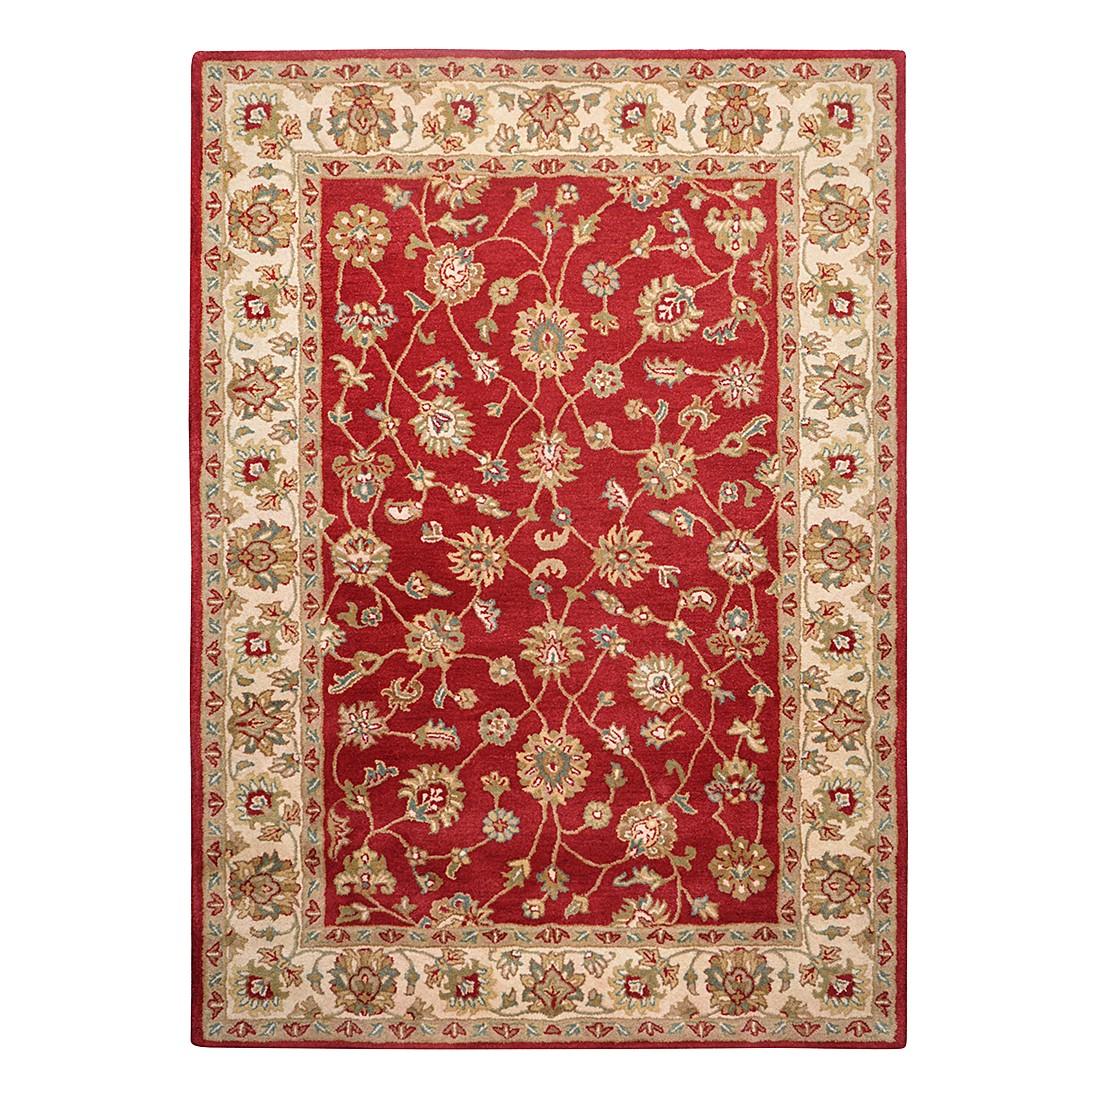 Teppich Royal Ziegler – Wolle/Rot – 70 cm x 140 cm, THEKO die markenteppiche kaufen